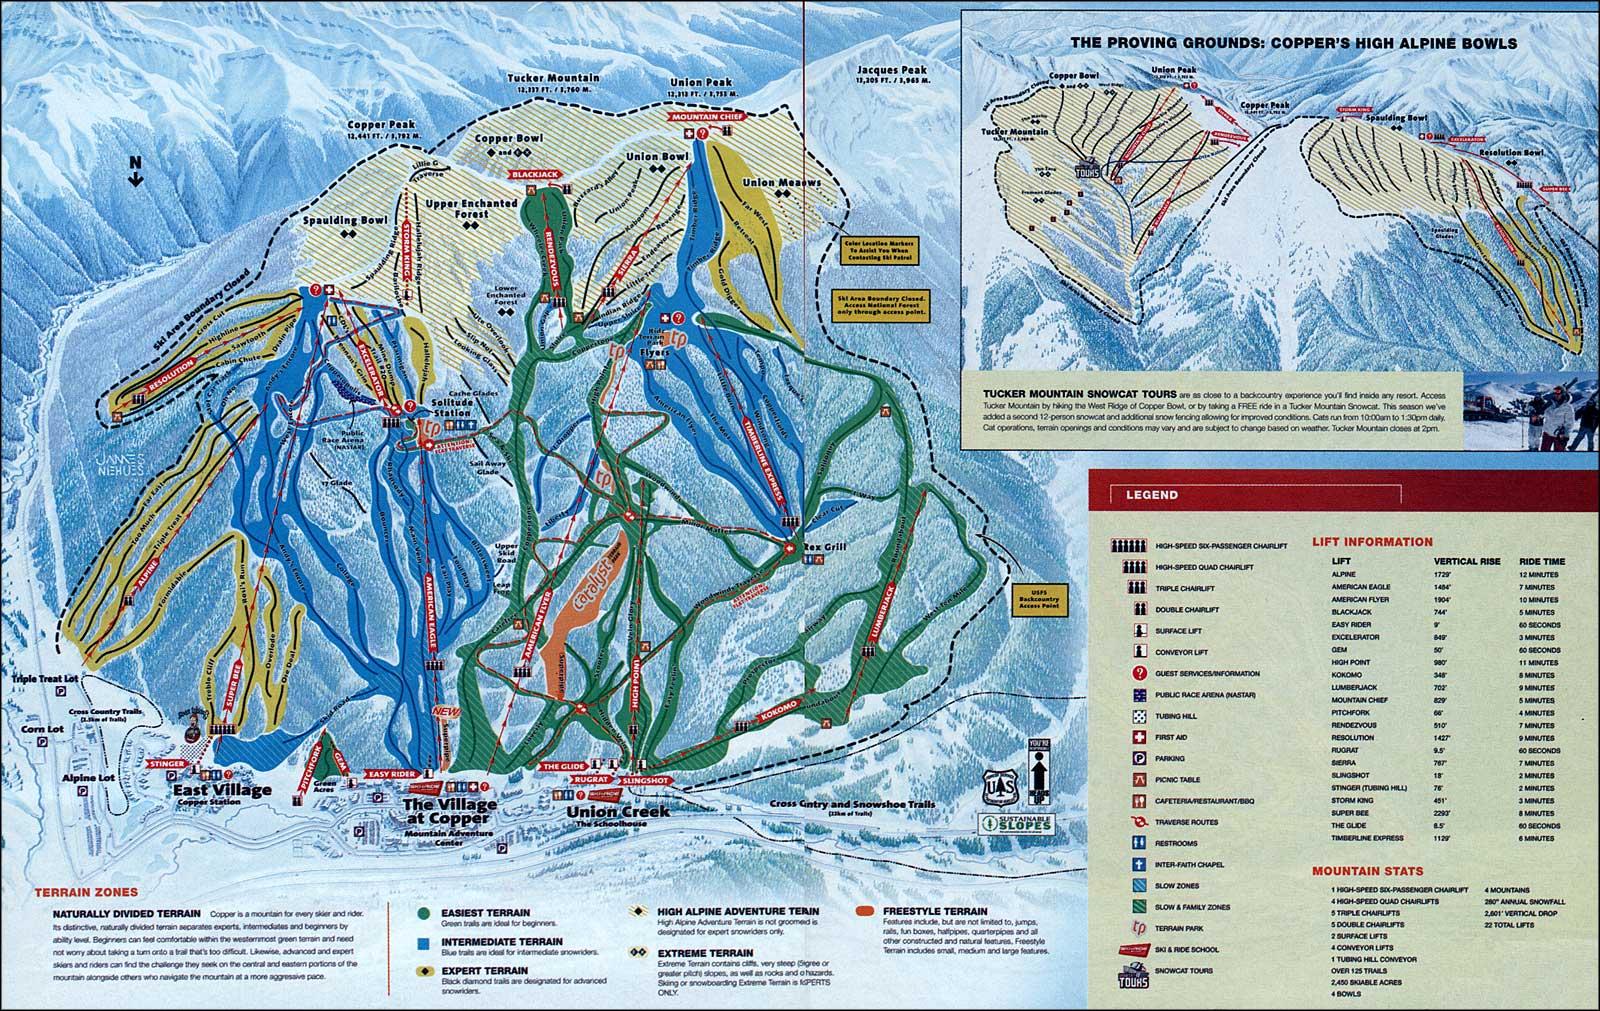 copper mountain resort - copper mountain ski resort